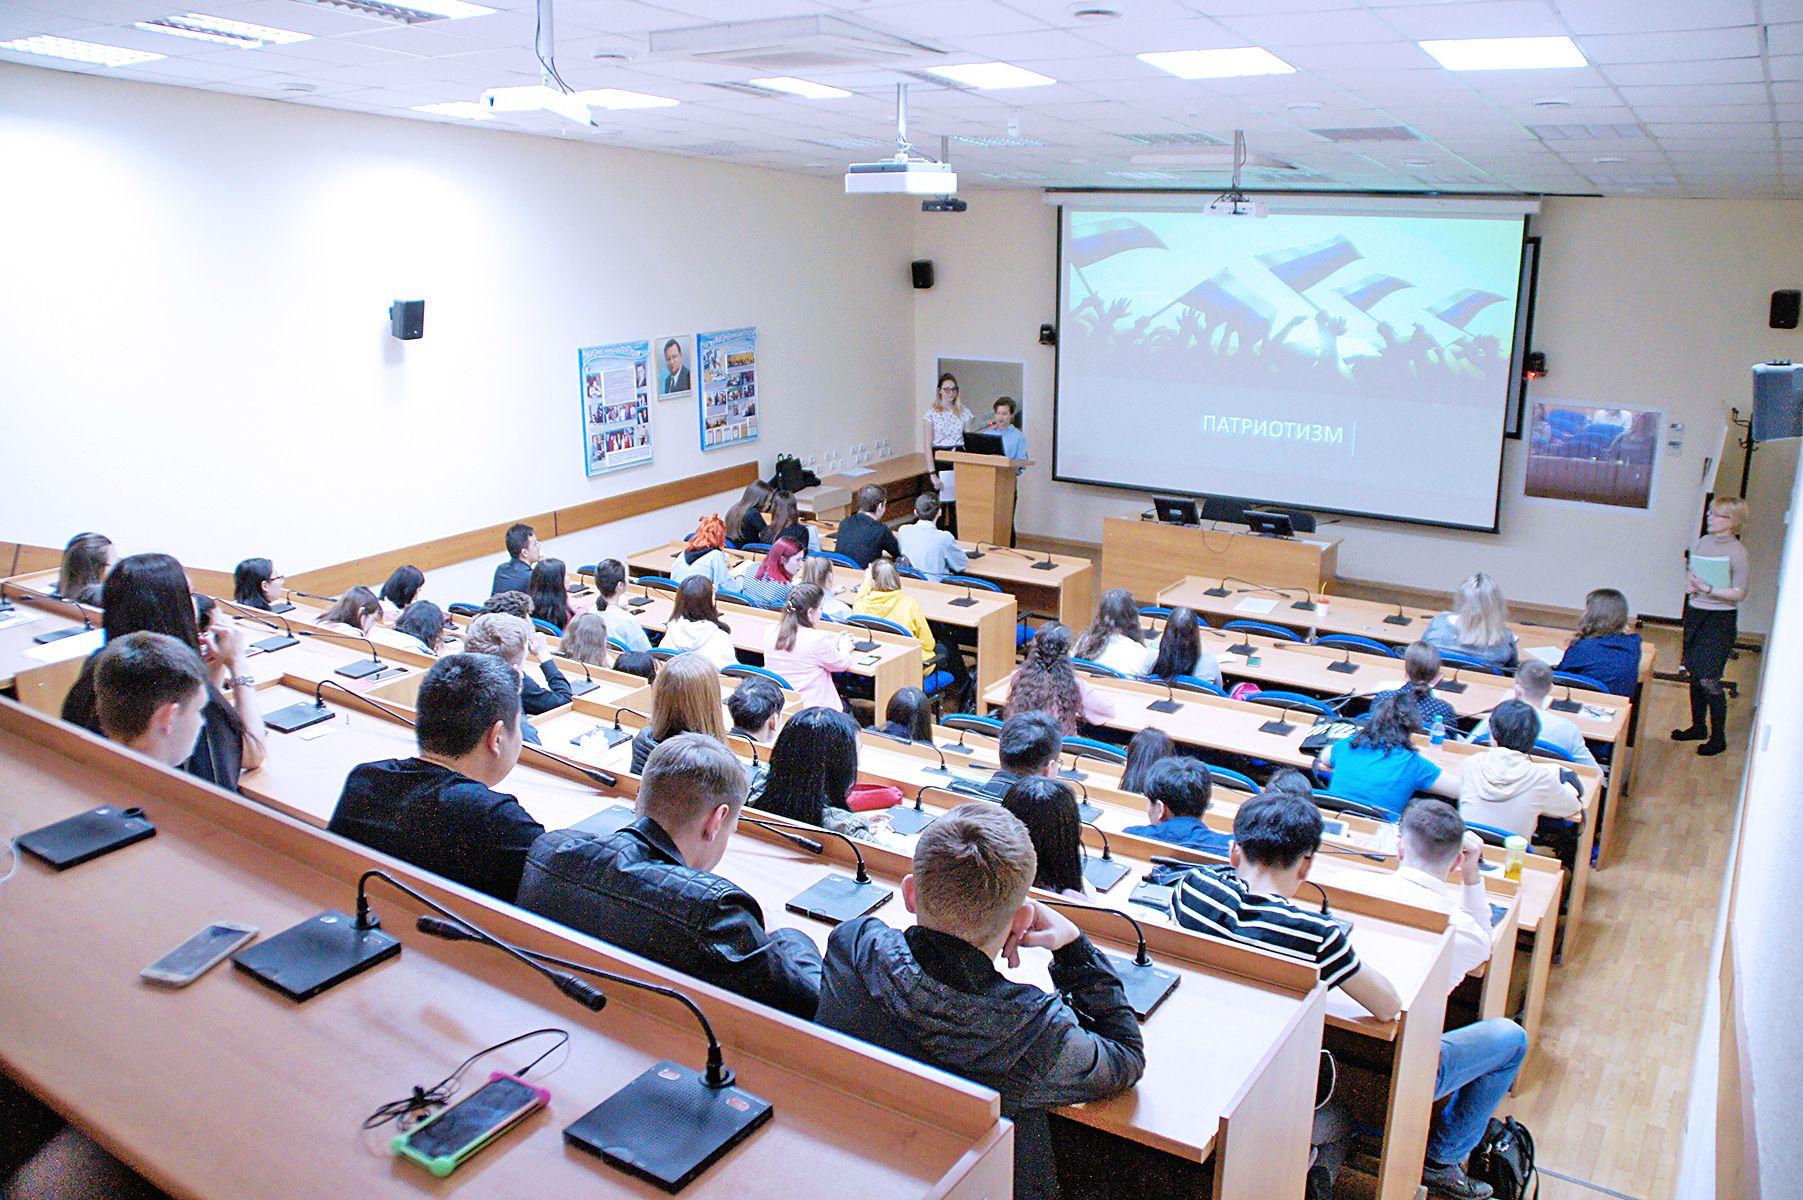 Студенты поменялись местами с преподавателями. Во ВГУЭС прошла открытая лекция о патриотическом воспитании